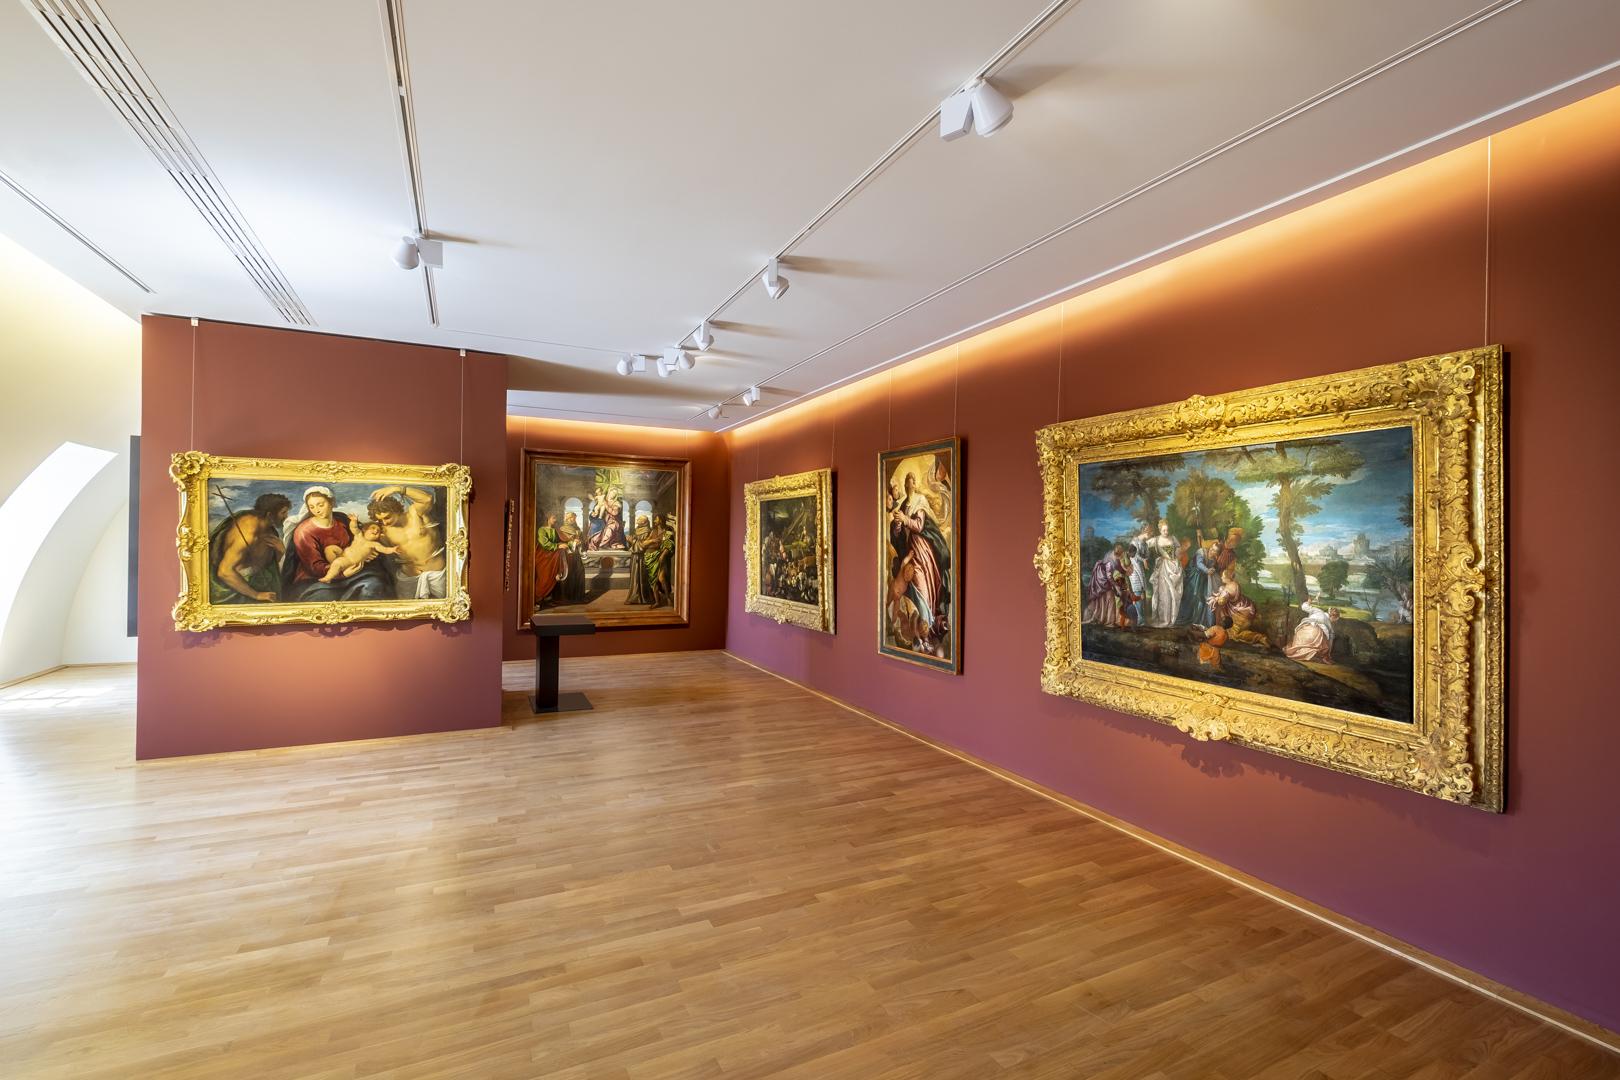 Salles-3éme-Renaissance_MdBA_2019_1 - © musée des Beaux-Arts de Dijon, © Bruce AUFRERE / TiltShift